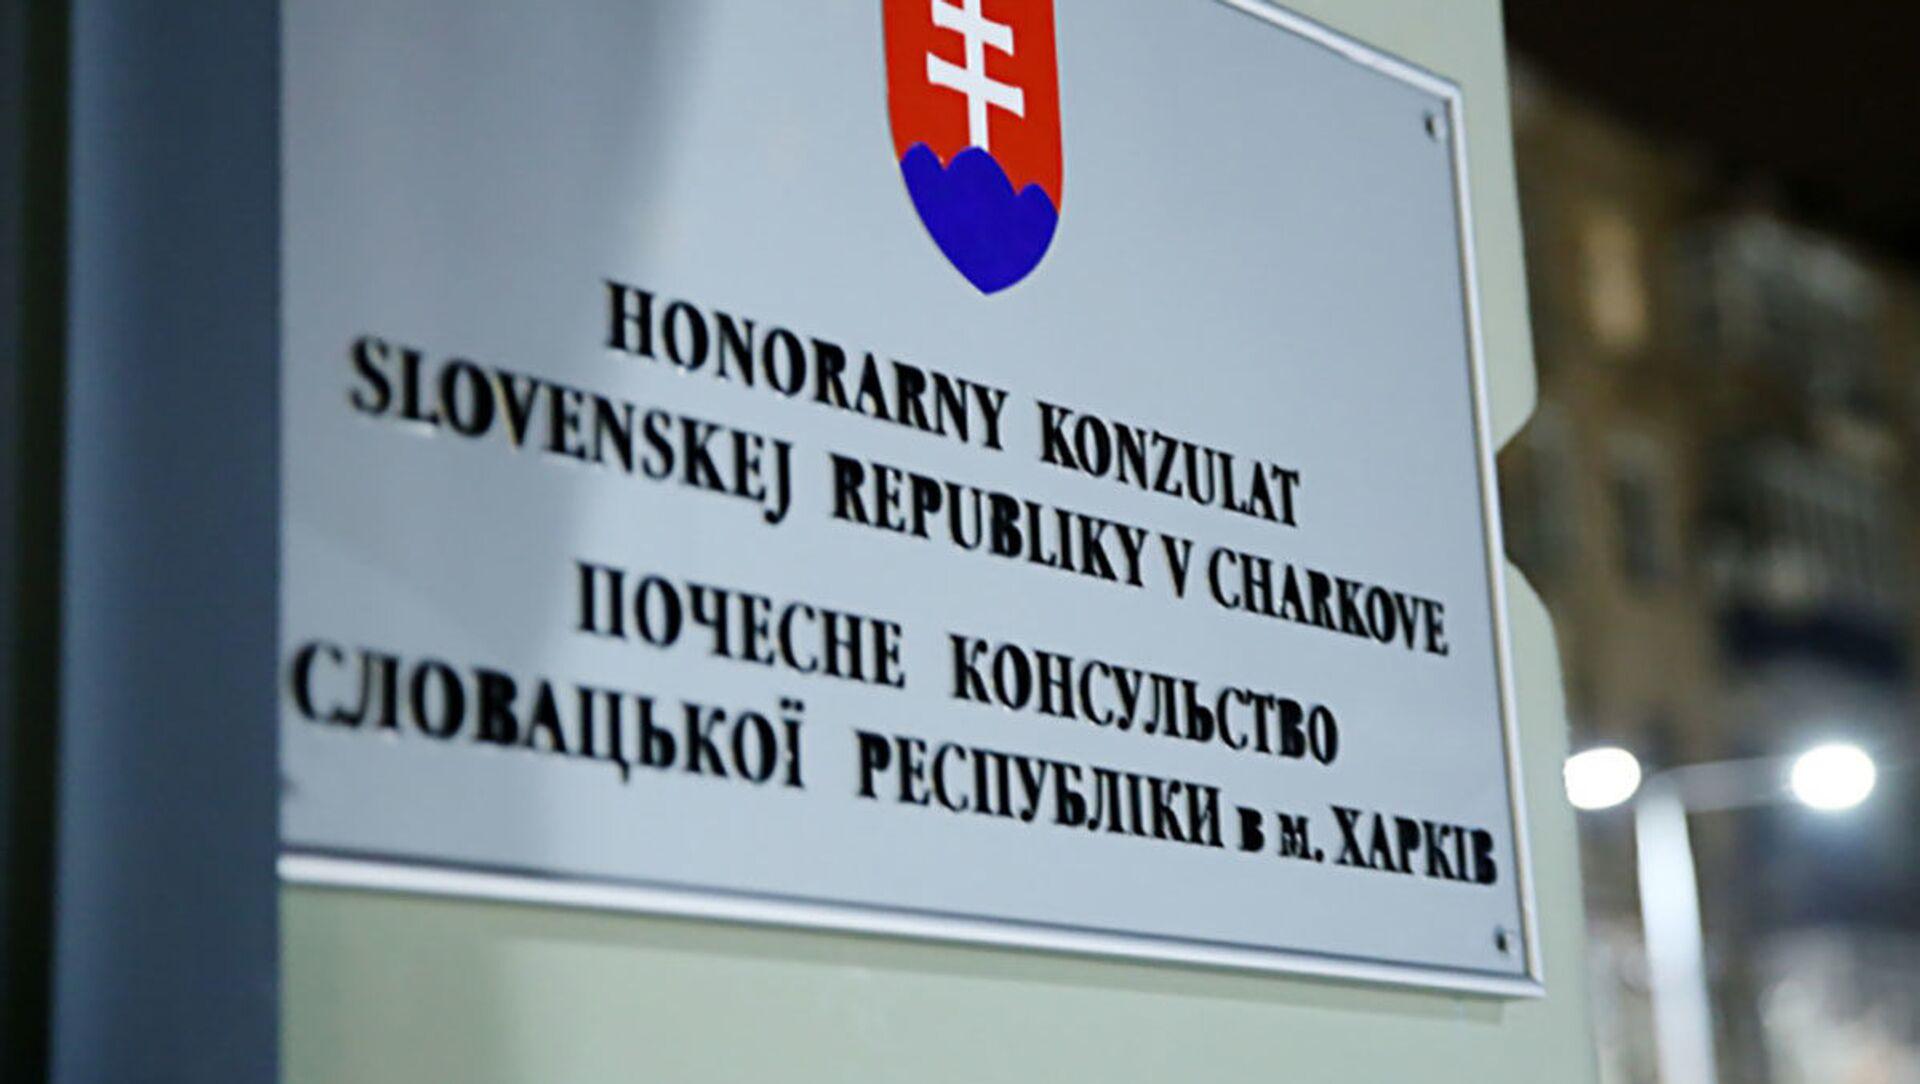 Plaketa honorárního konzulátu Slovenska v Charkově - Sputnik Česká republika, 1920, 05.03.2021